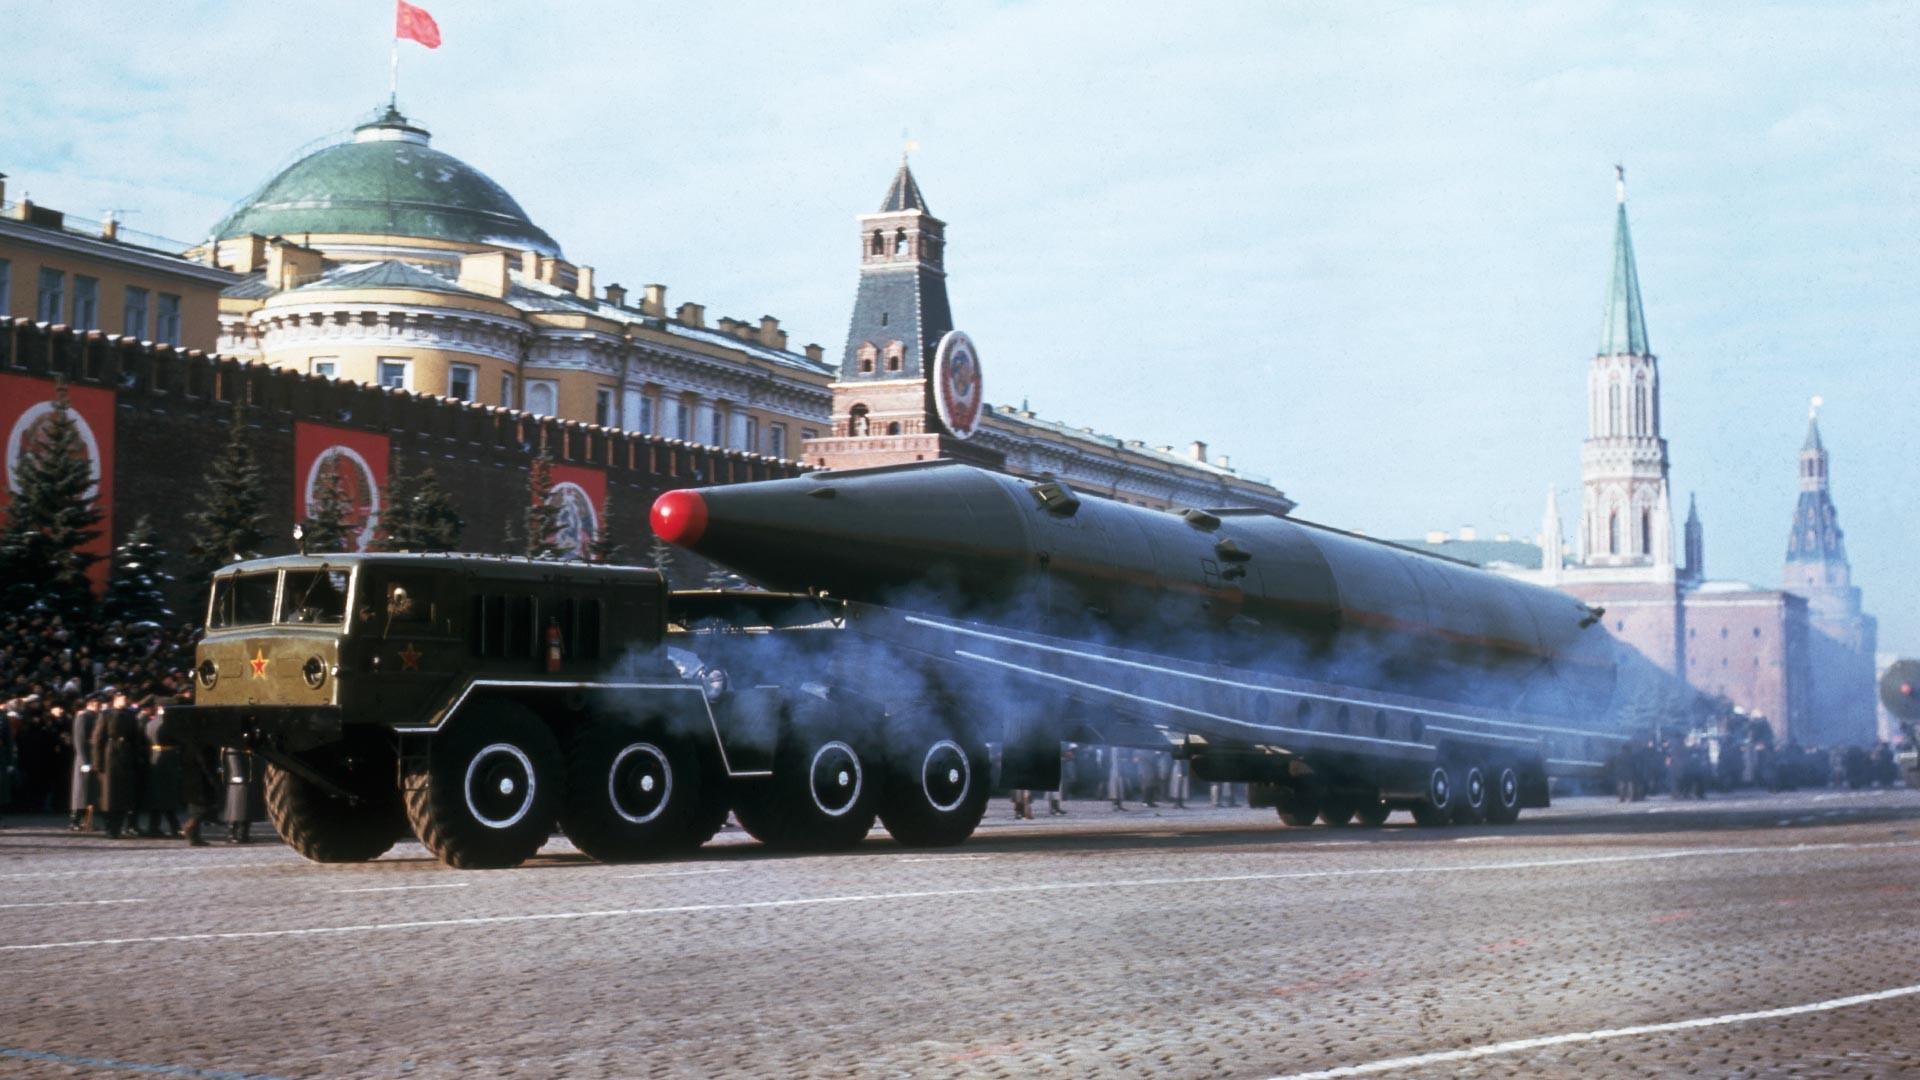 Un missile balistique soviétique sur la place Rouge lors du défilé célébrant le 50e anniversaire de la Révolution bolchévique